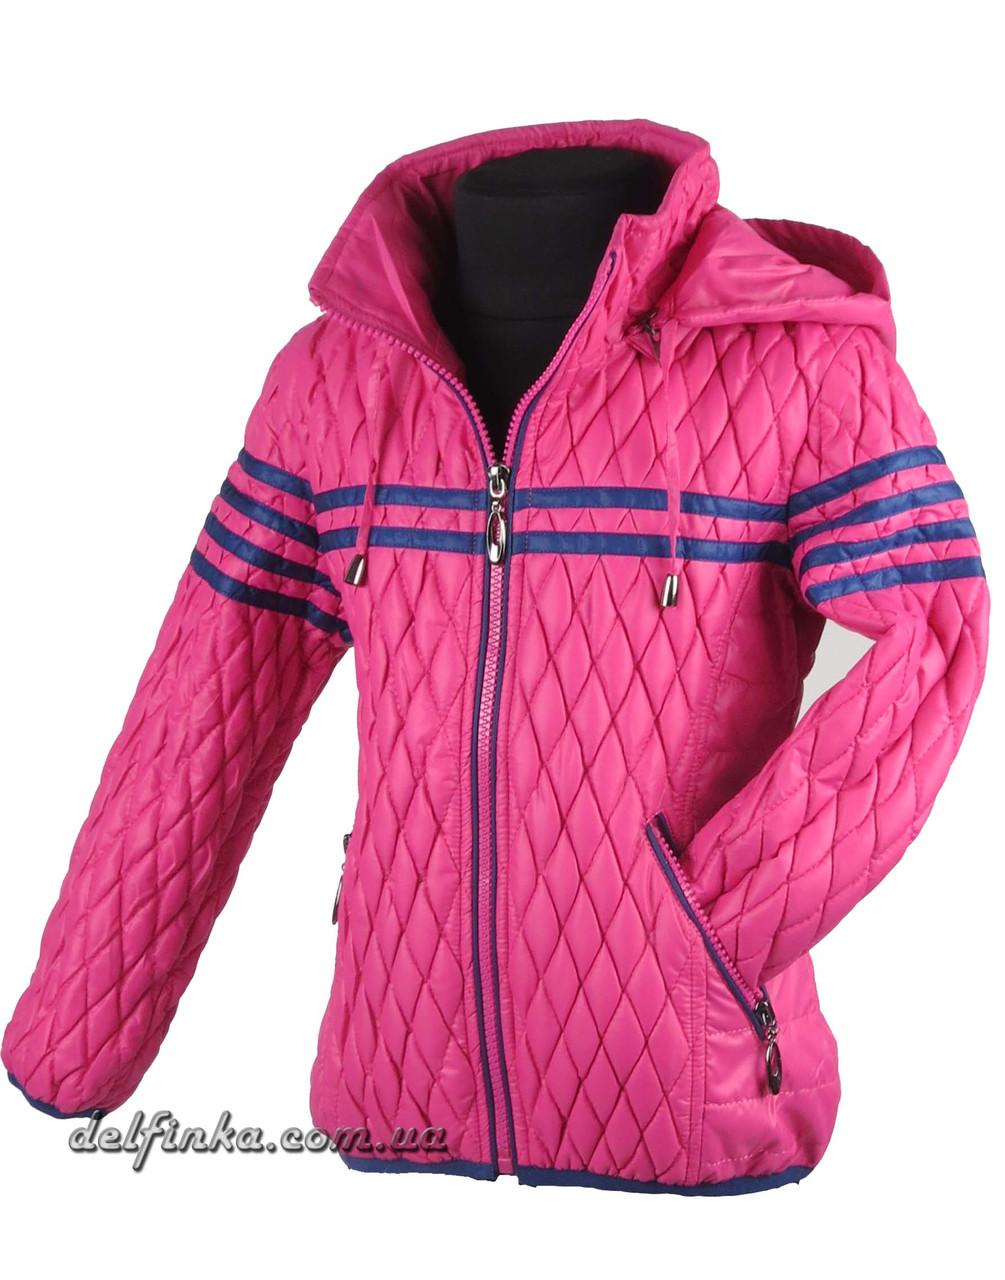 Куртка для девочек  демисизонная 5-10 лет цвет синий, фото 3